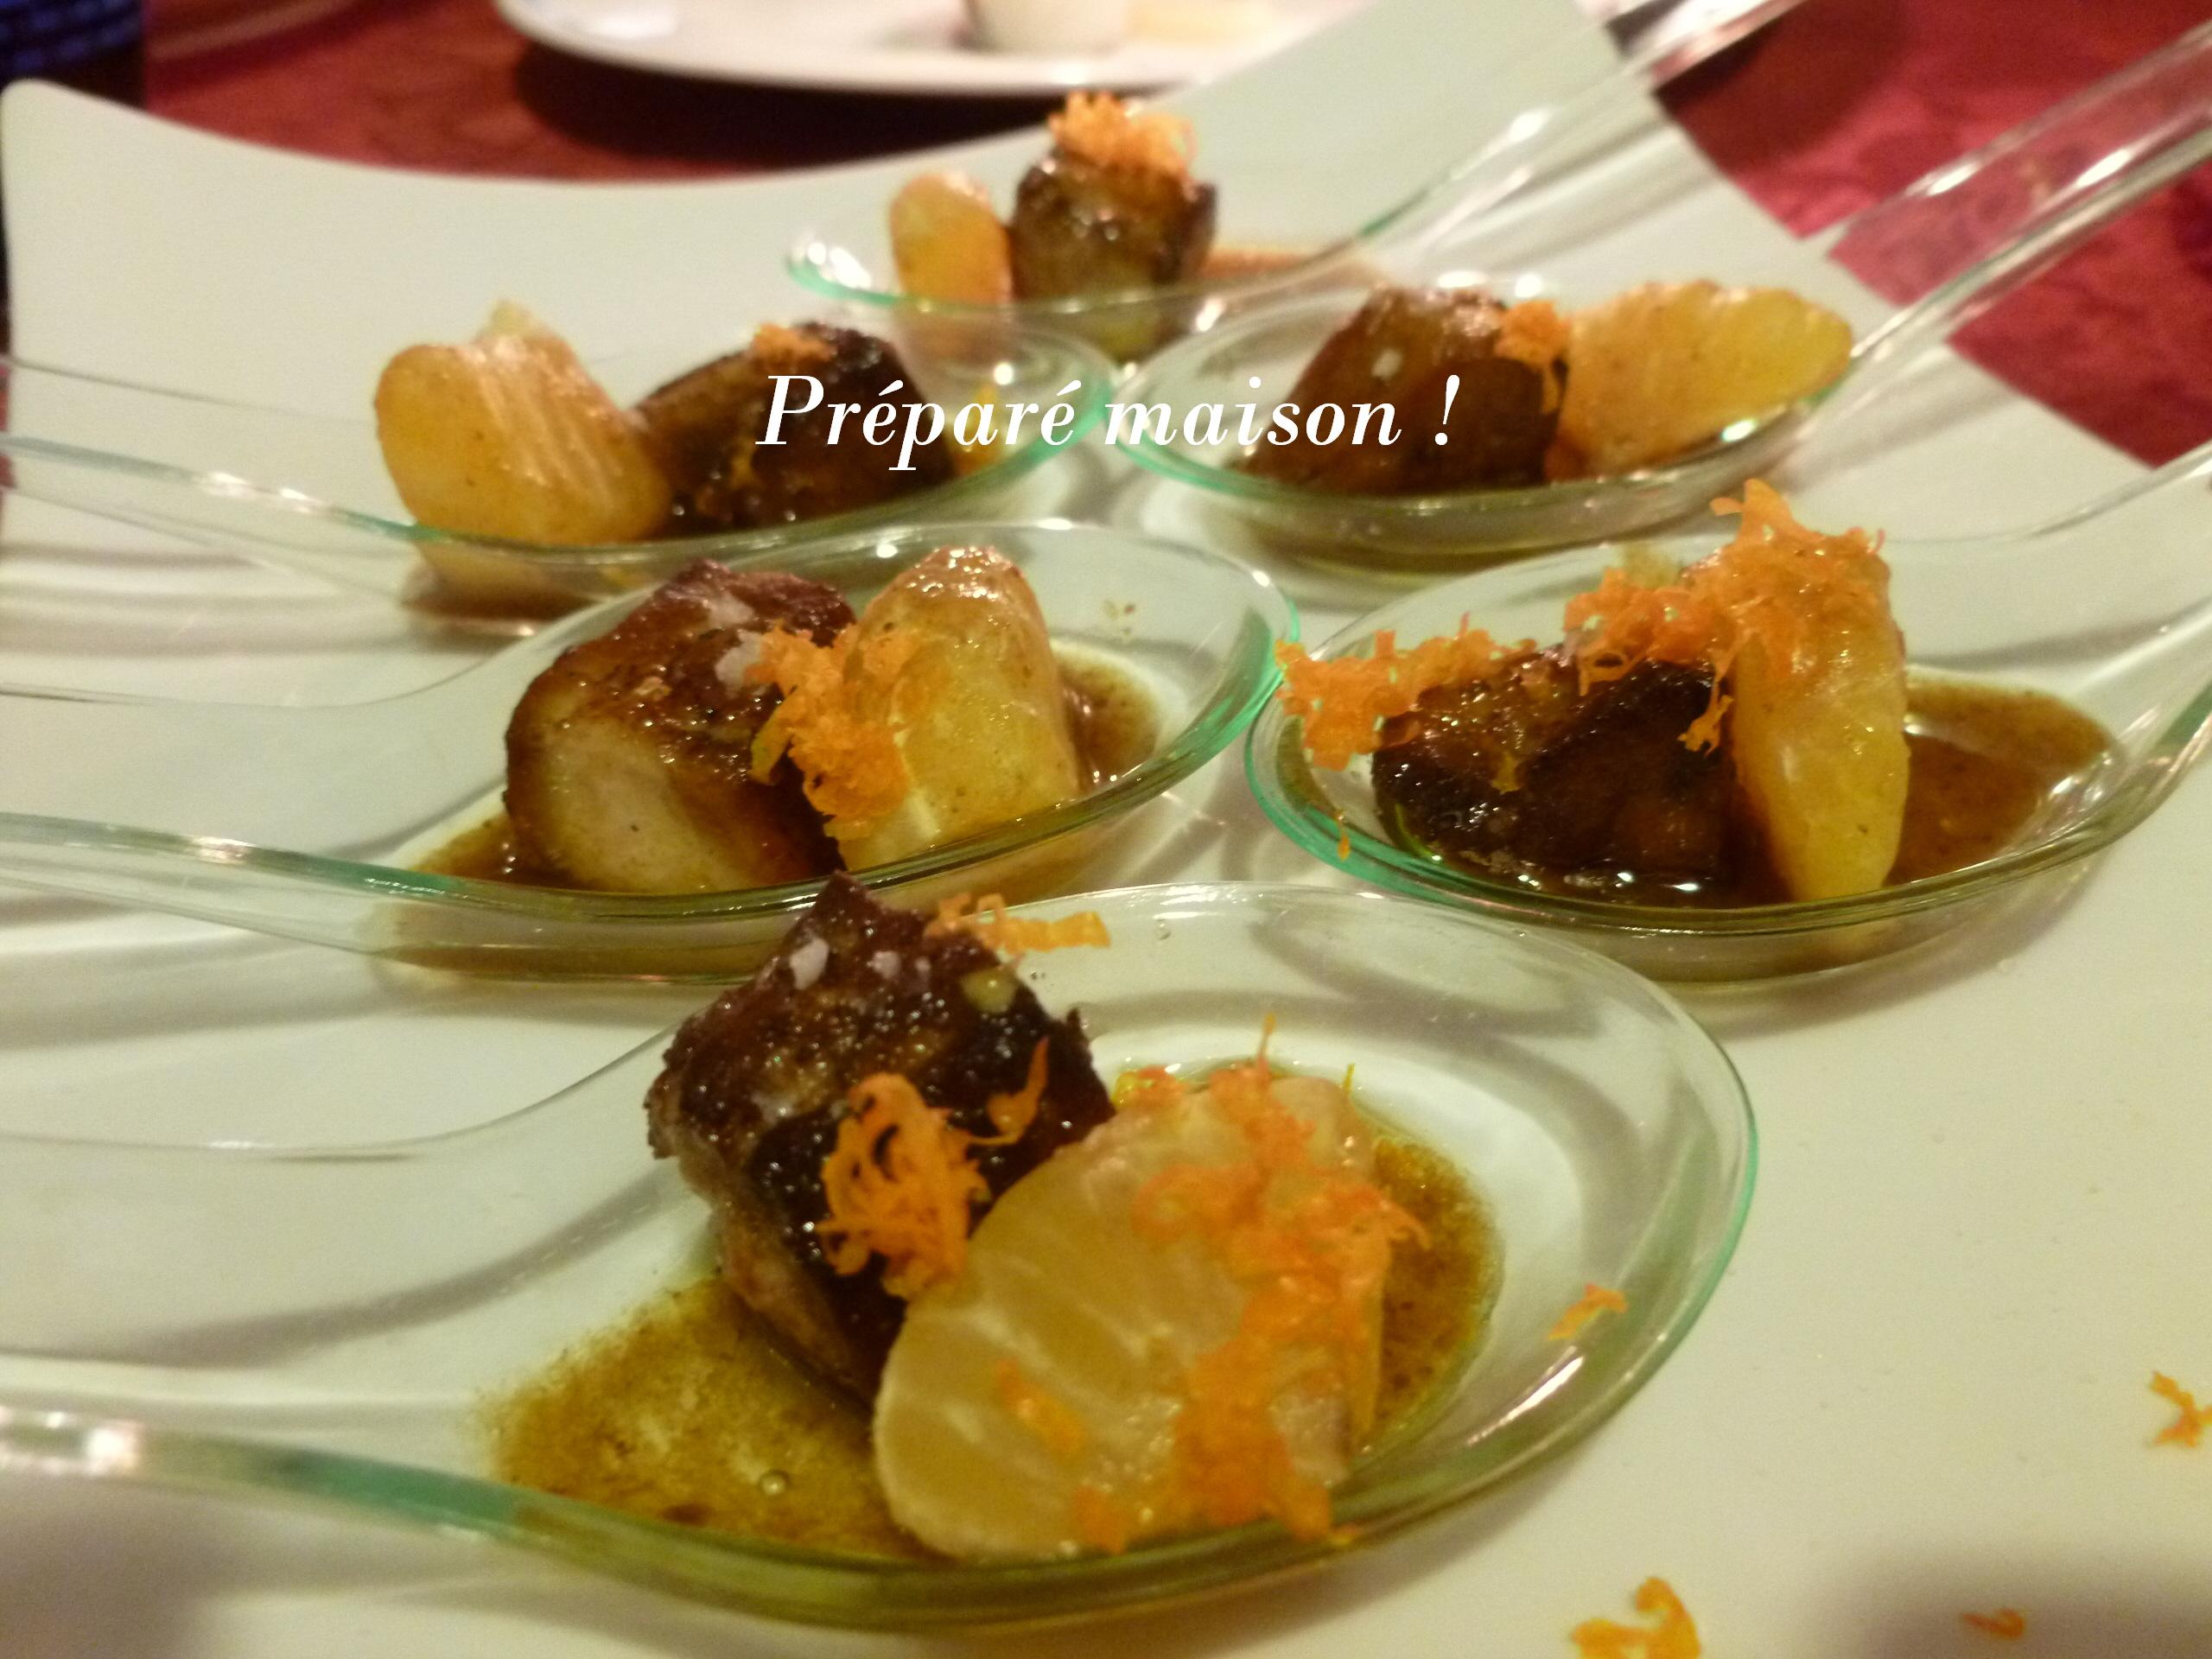 Ap ro pr par maison for Amuse bouche foie gras aperitif